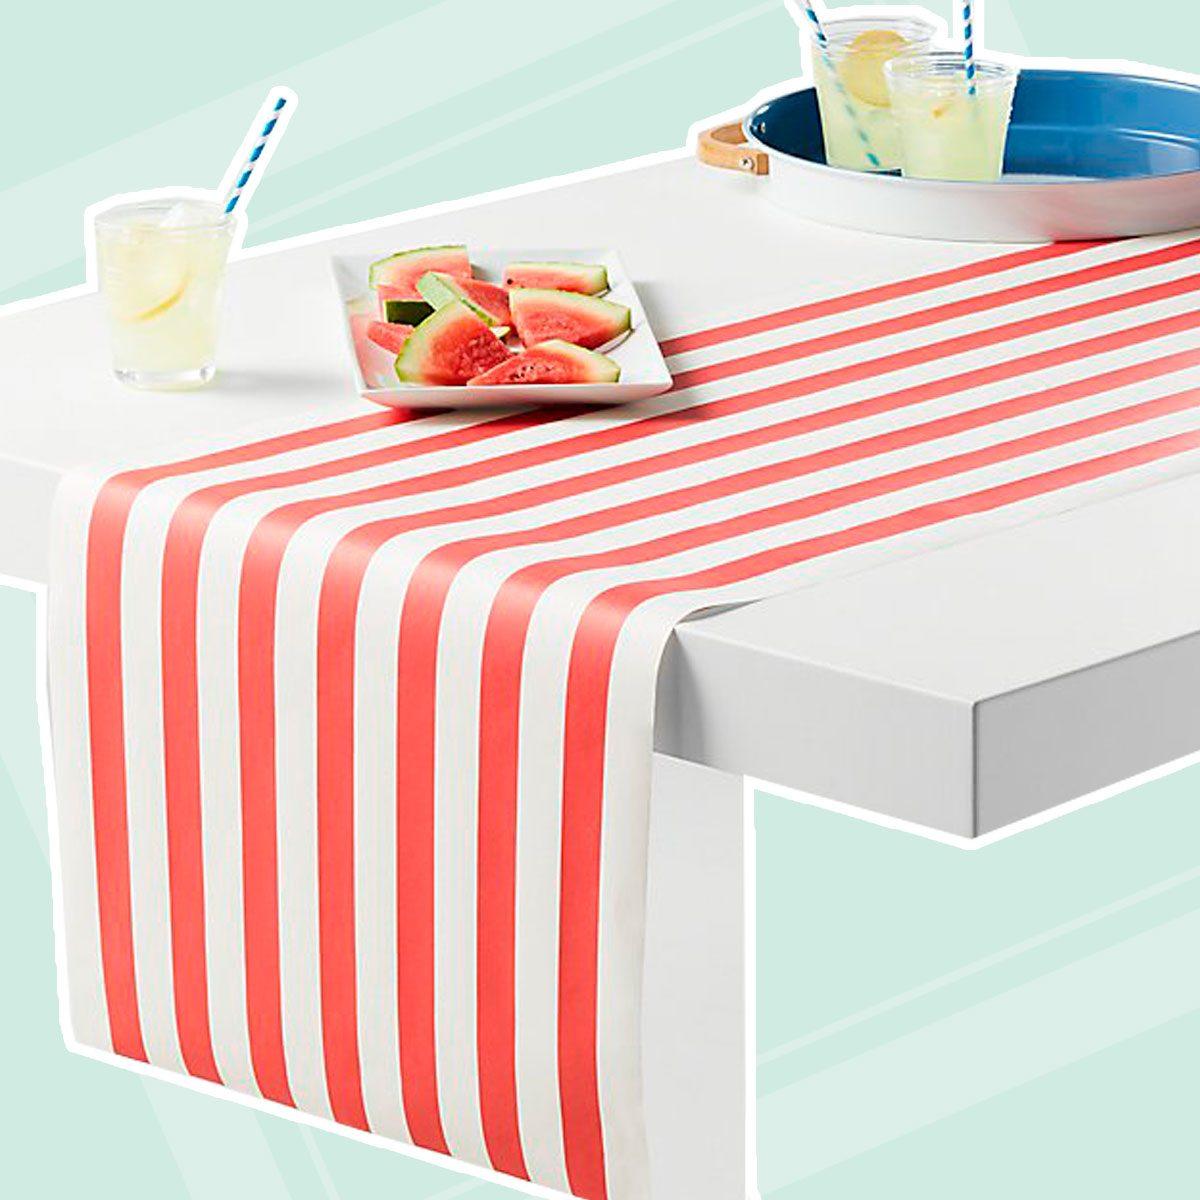 Red Stripe Paper Table Runner